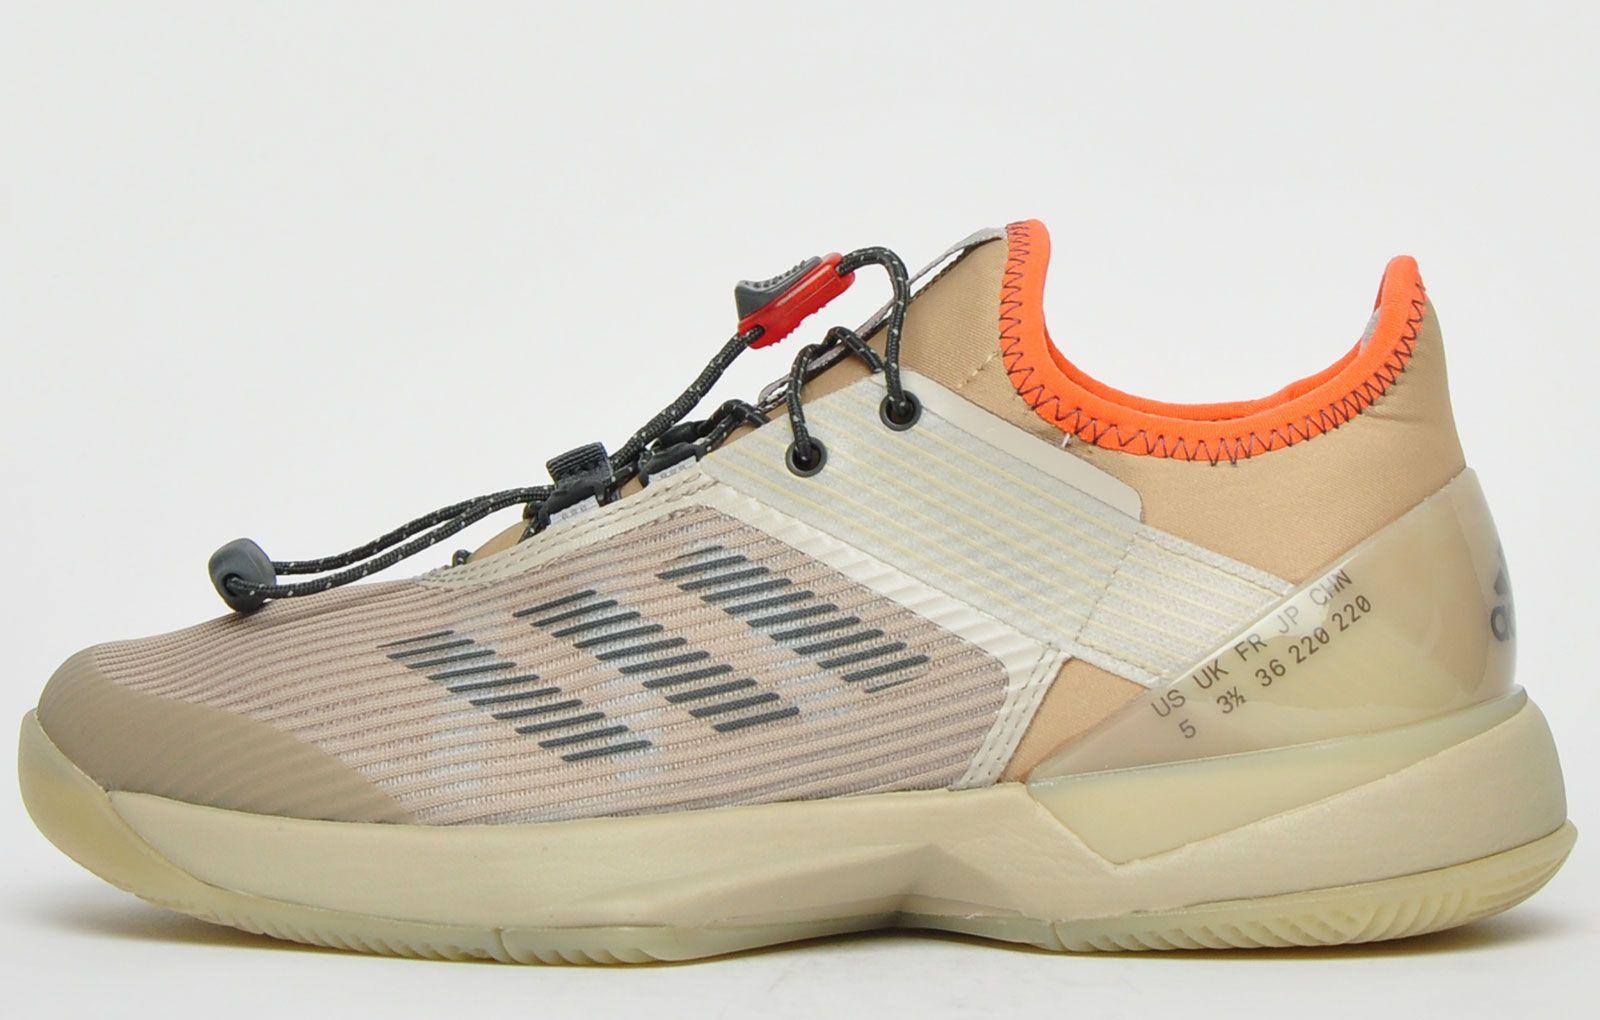 adidas Adizero Ubersonic 3 Citified Womens